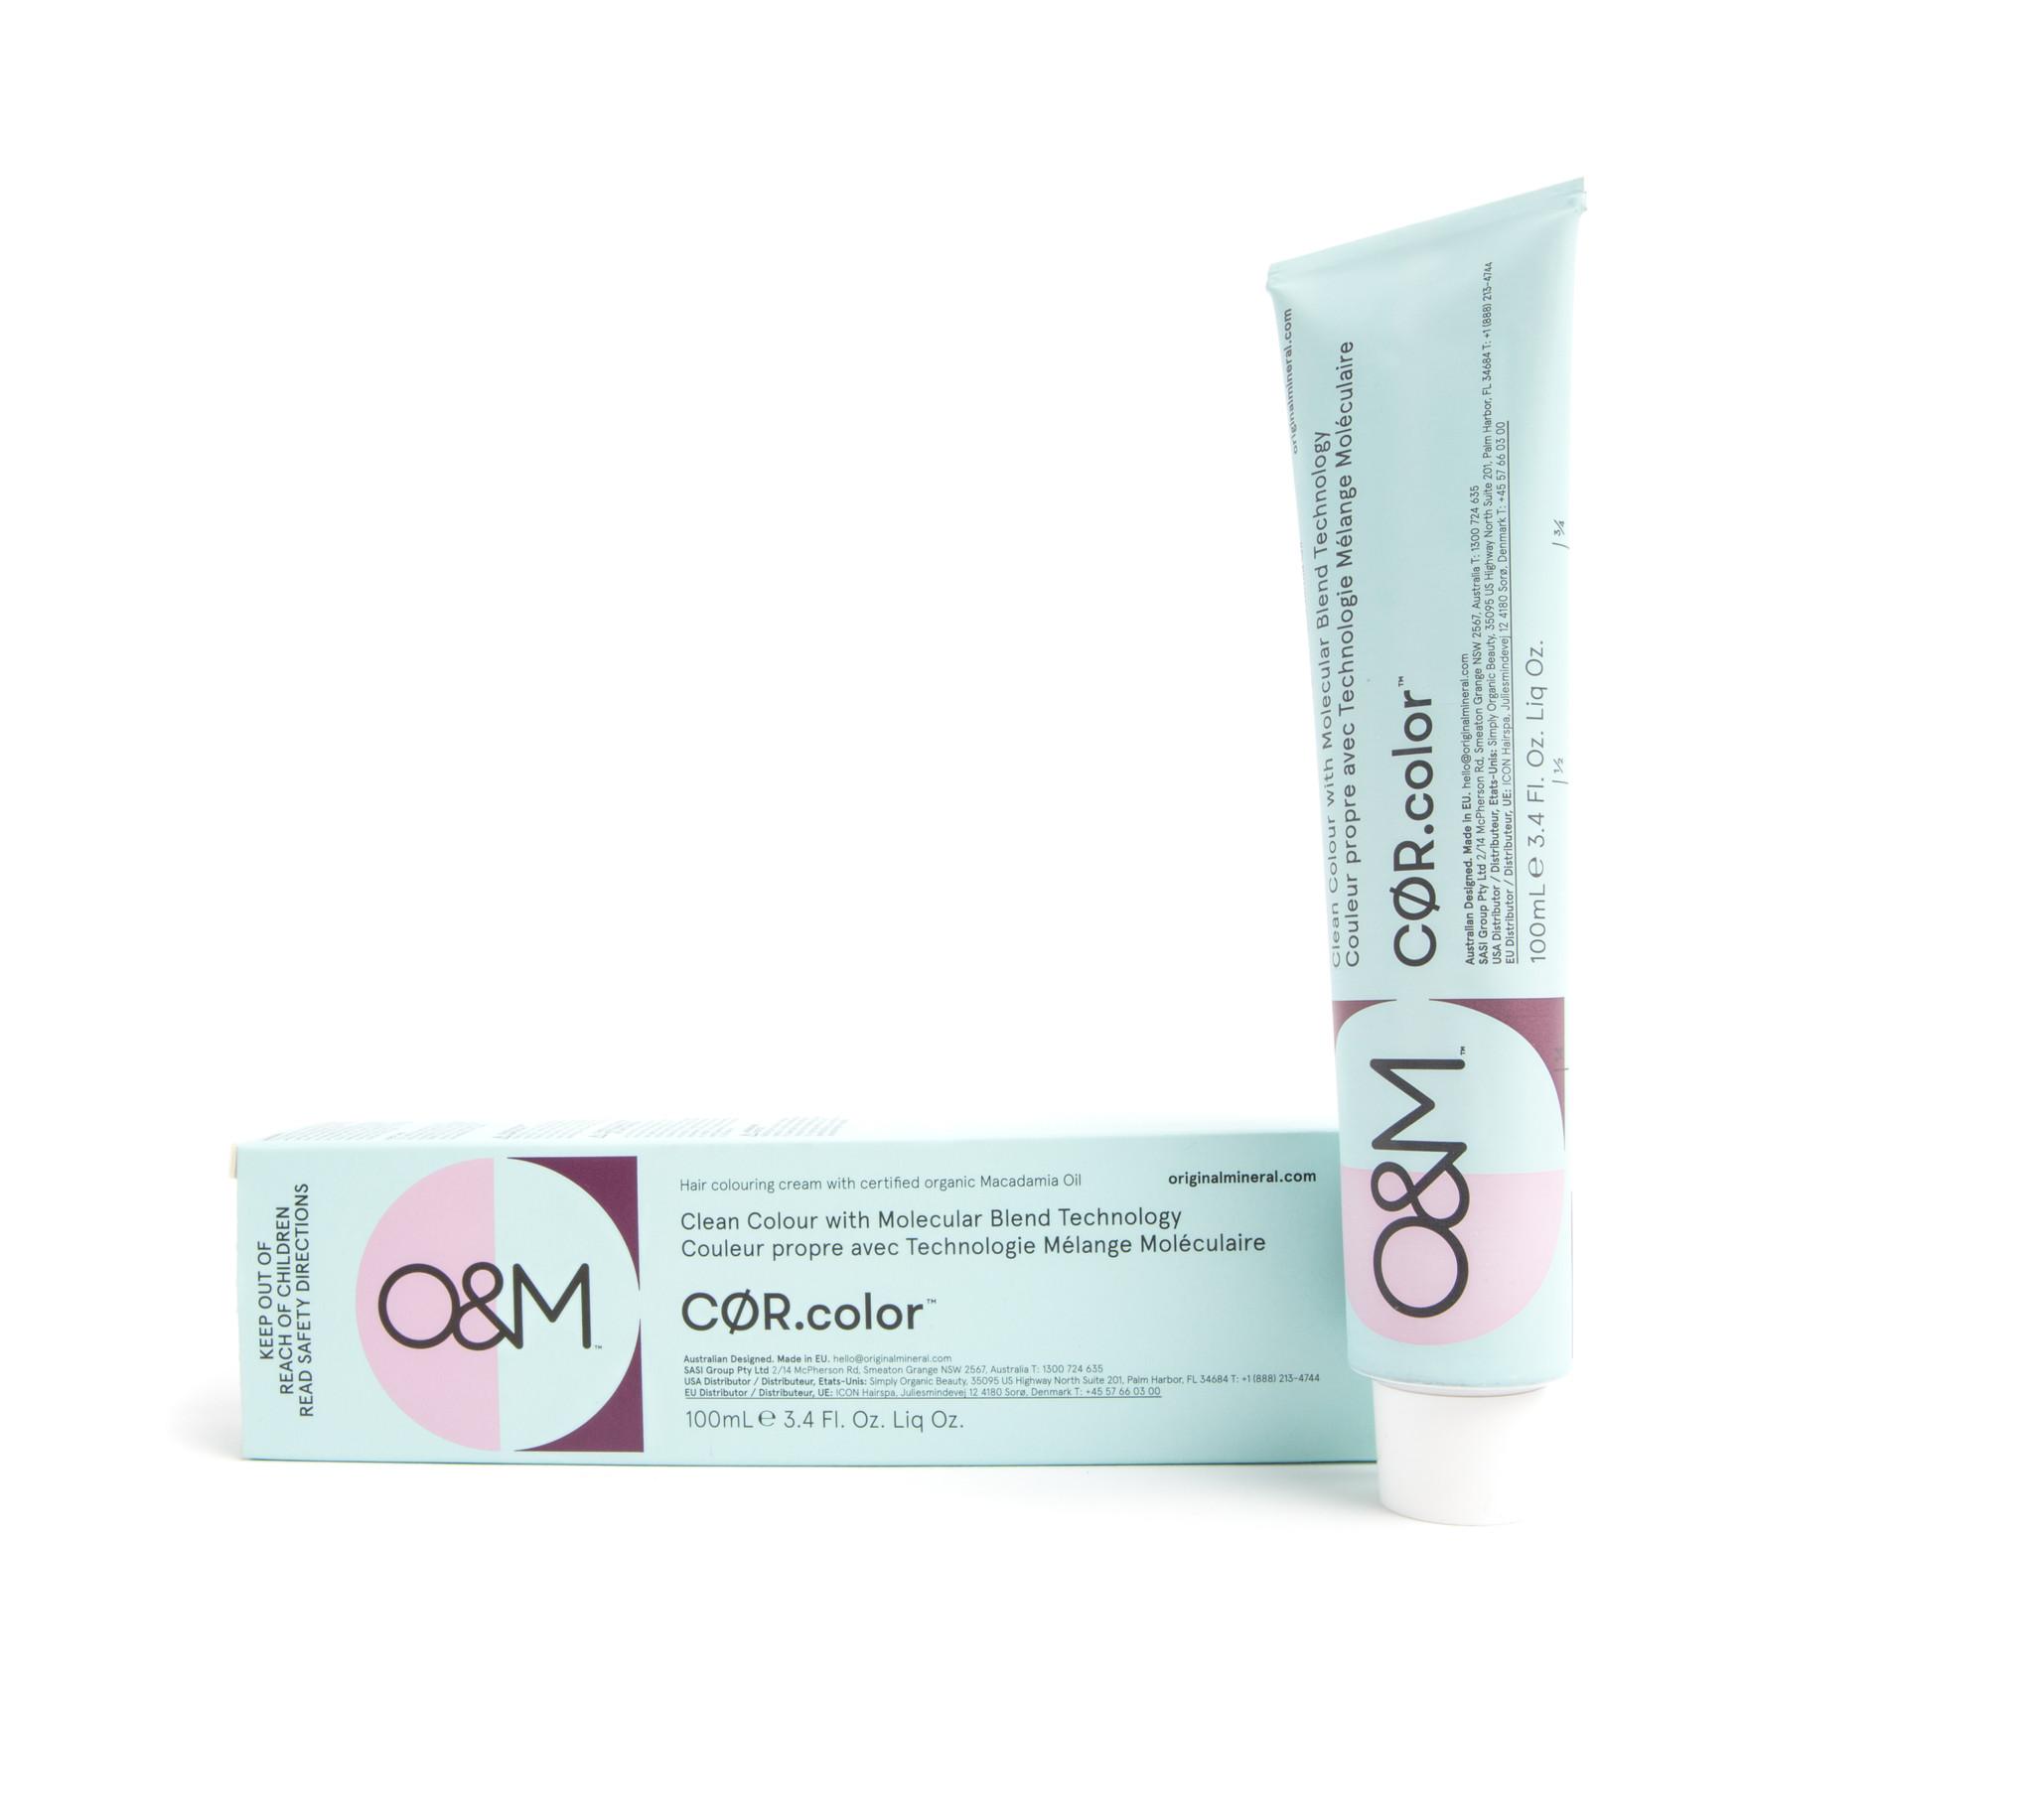 O&M - Original Mineral O&M CØR.color Brunette Blonde 7.7 100g